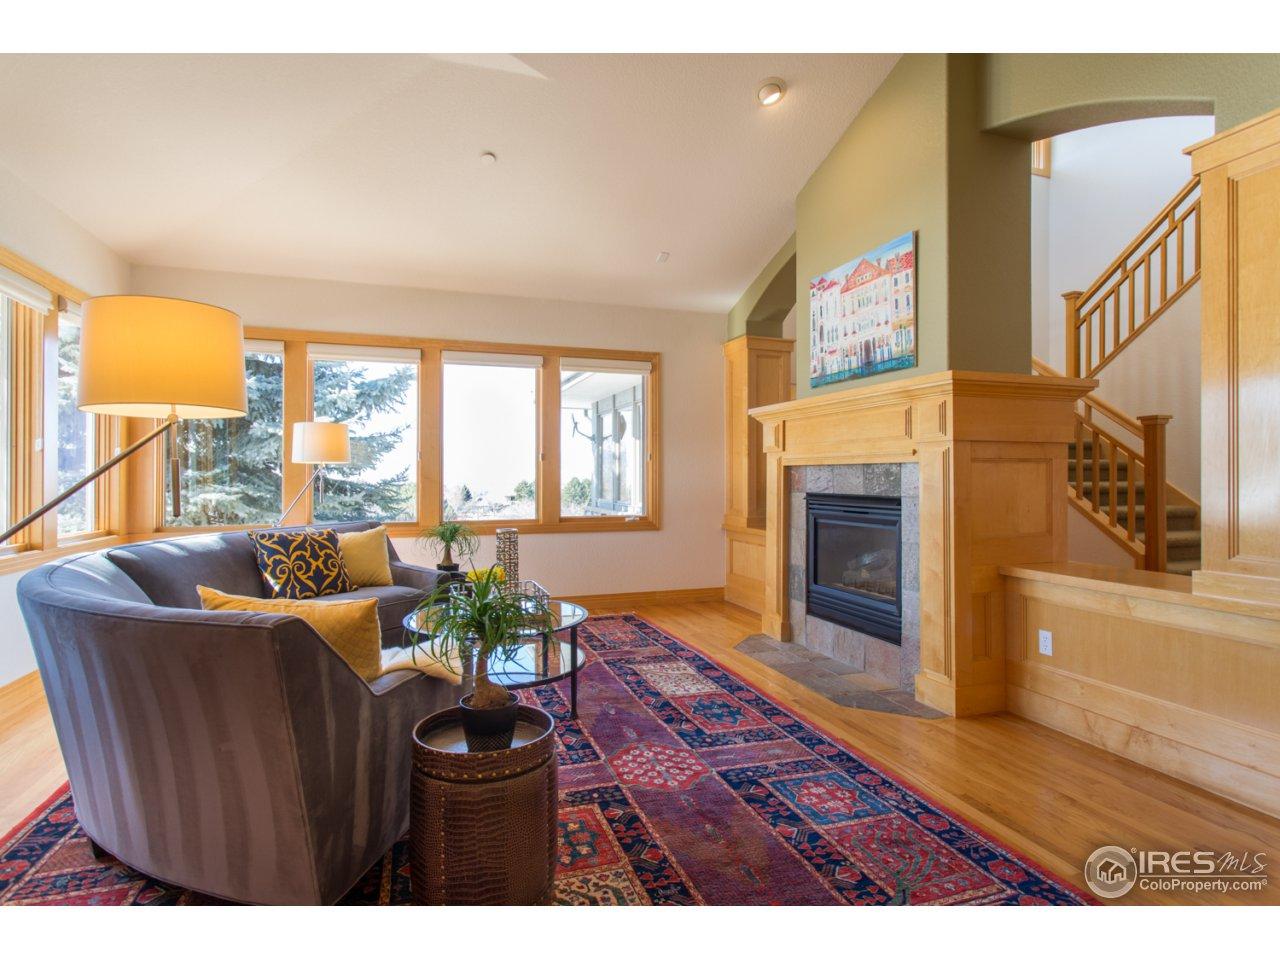 Living Room-Hardwood floors